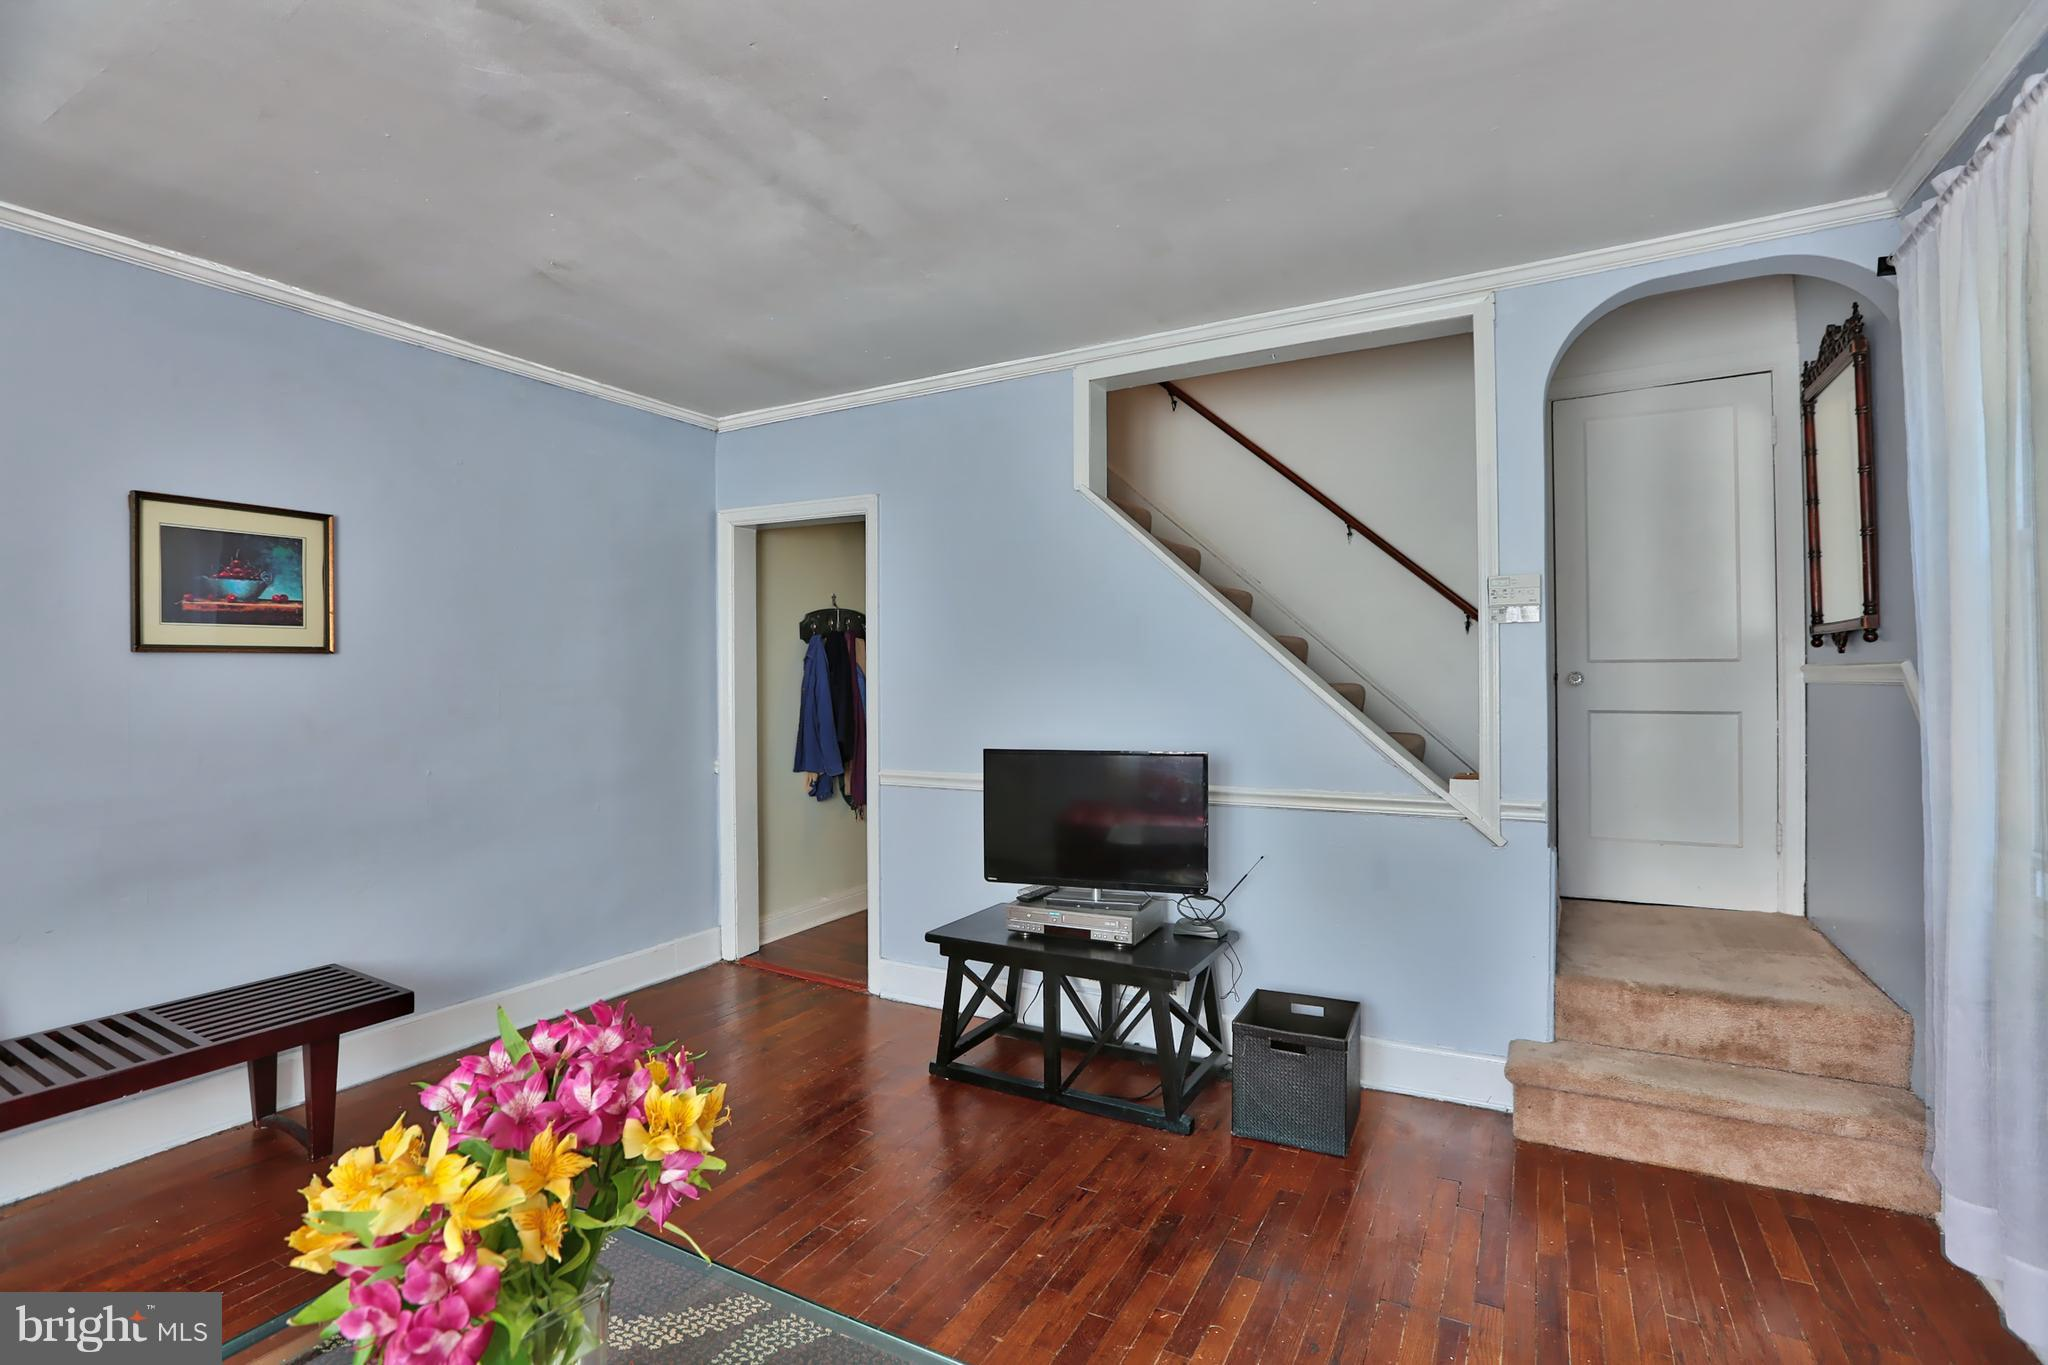 8362 OAKLEIGH RD, Parkville, MD 21234 $1,500 www.calltimforhomes.com ...